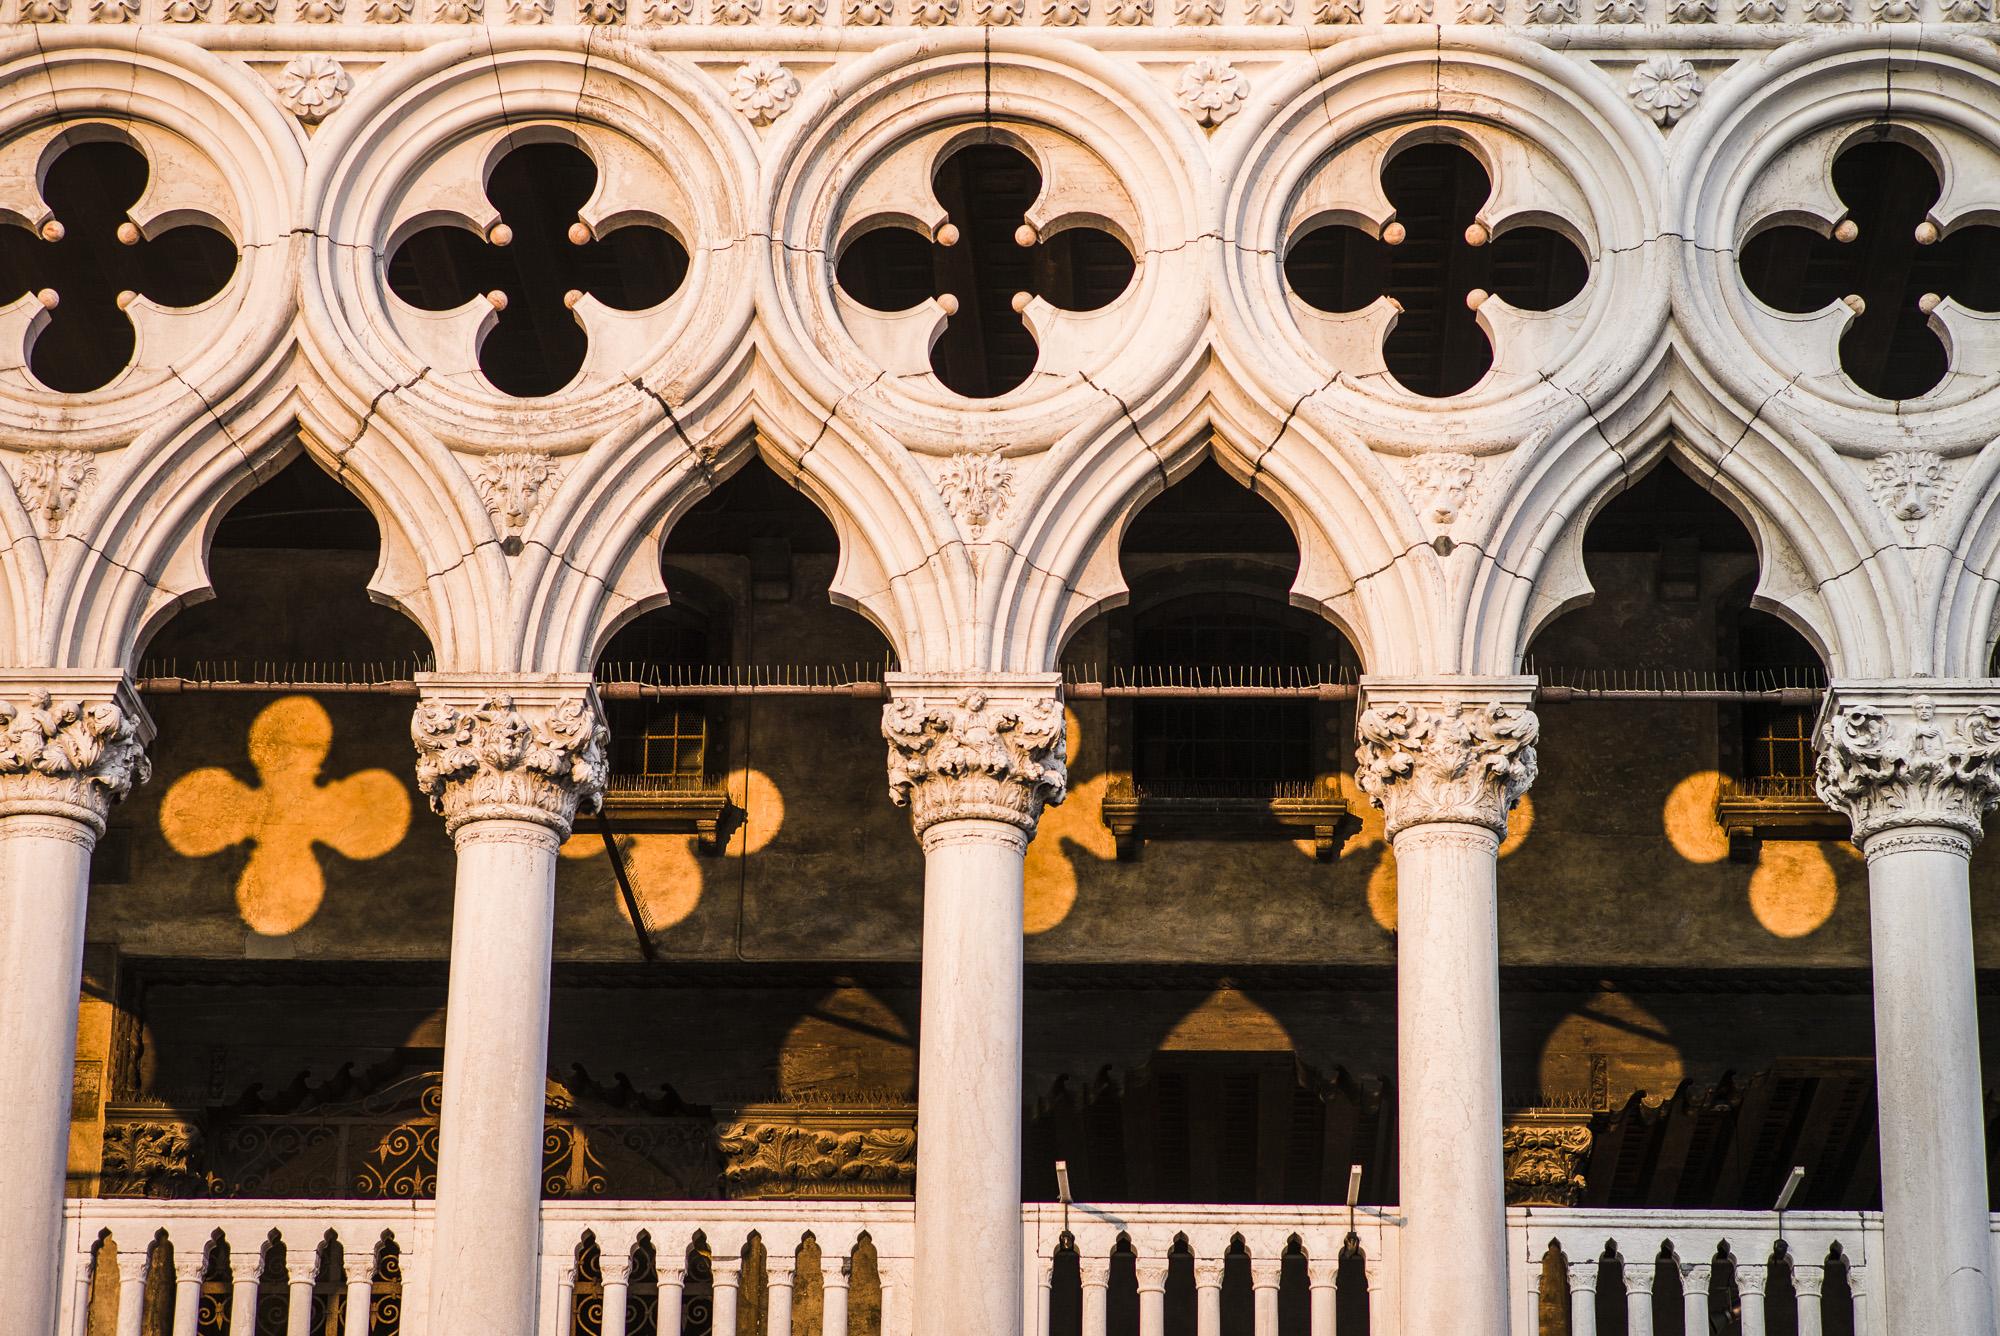 Sunset light on the Doge's Palace